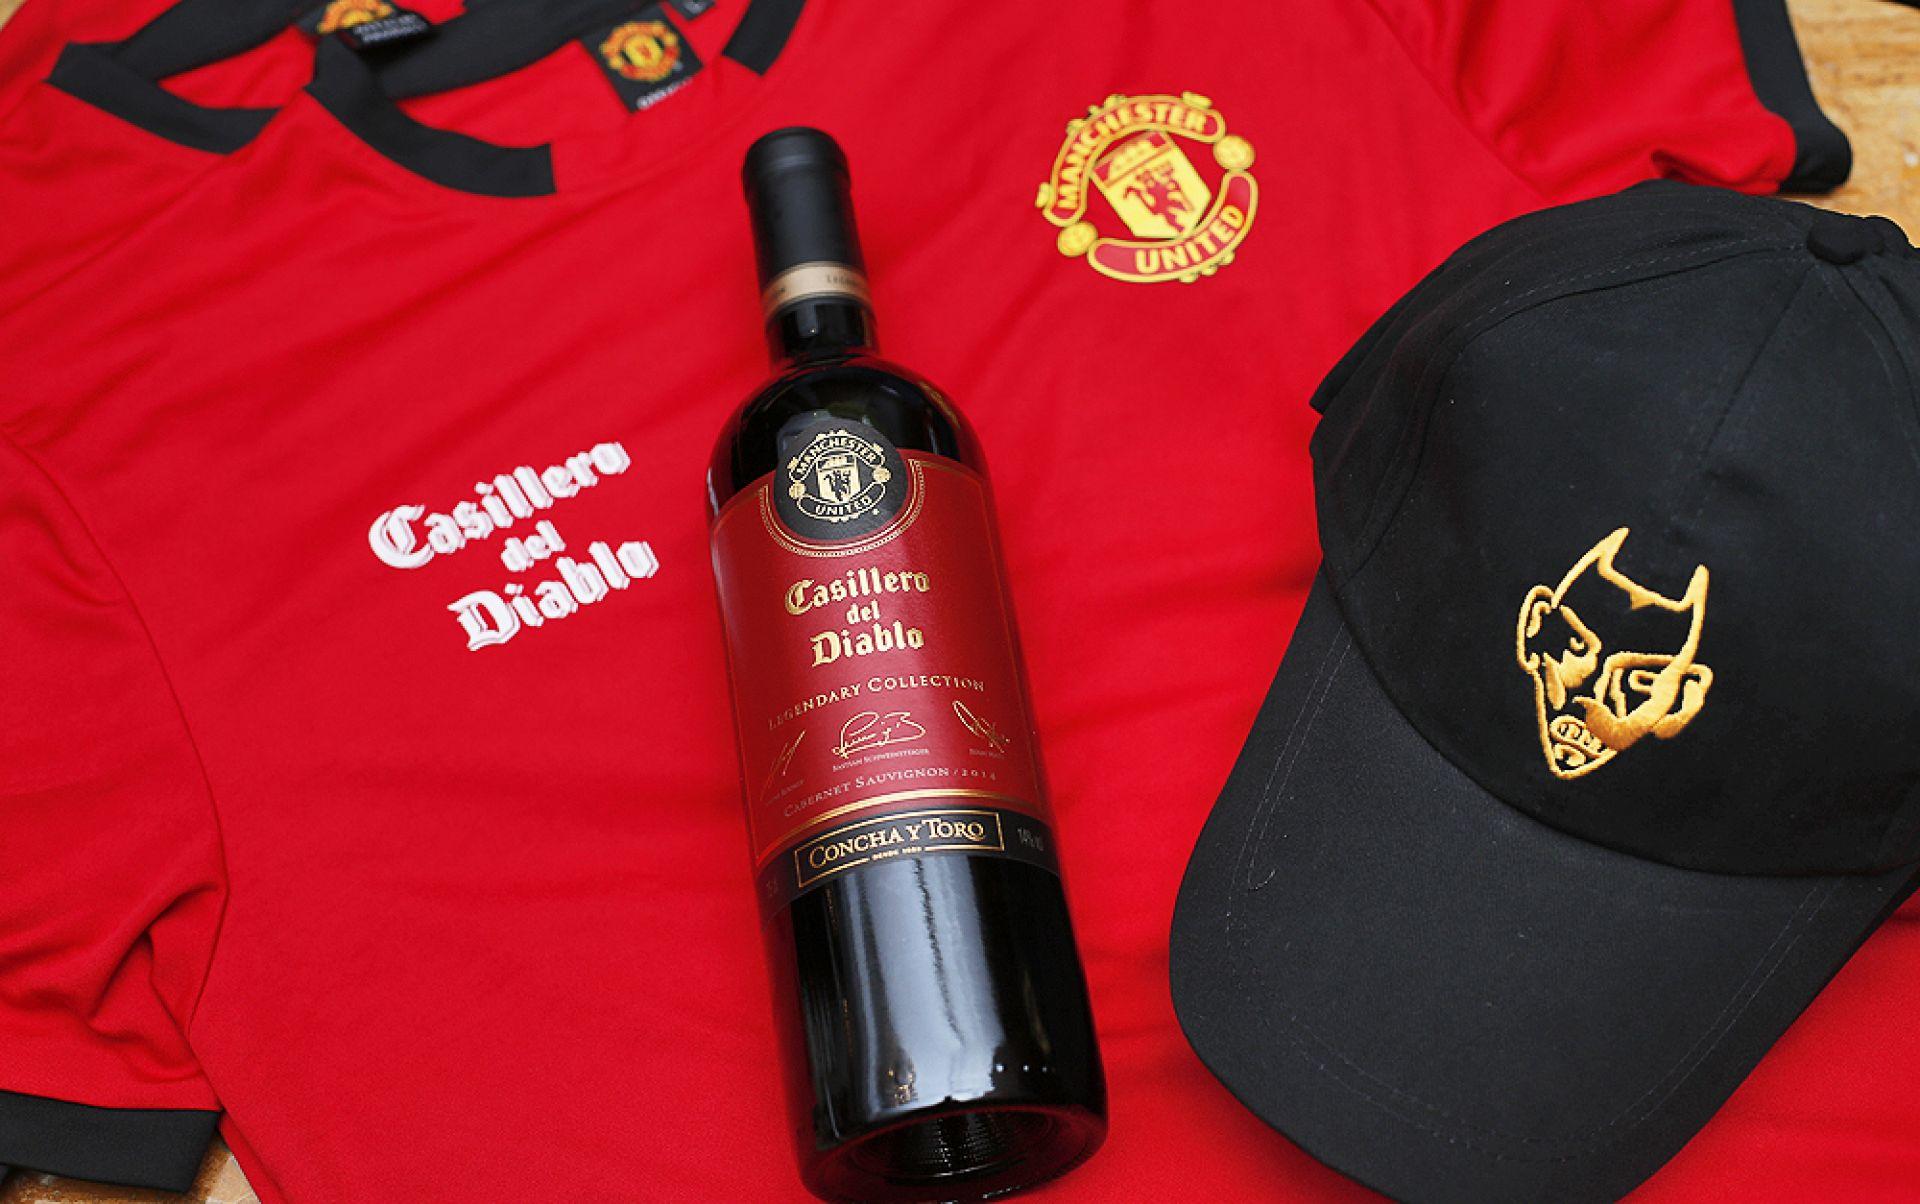 Publimark.cl - Casillero del Diablo y Manchester United: Una década de alianza